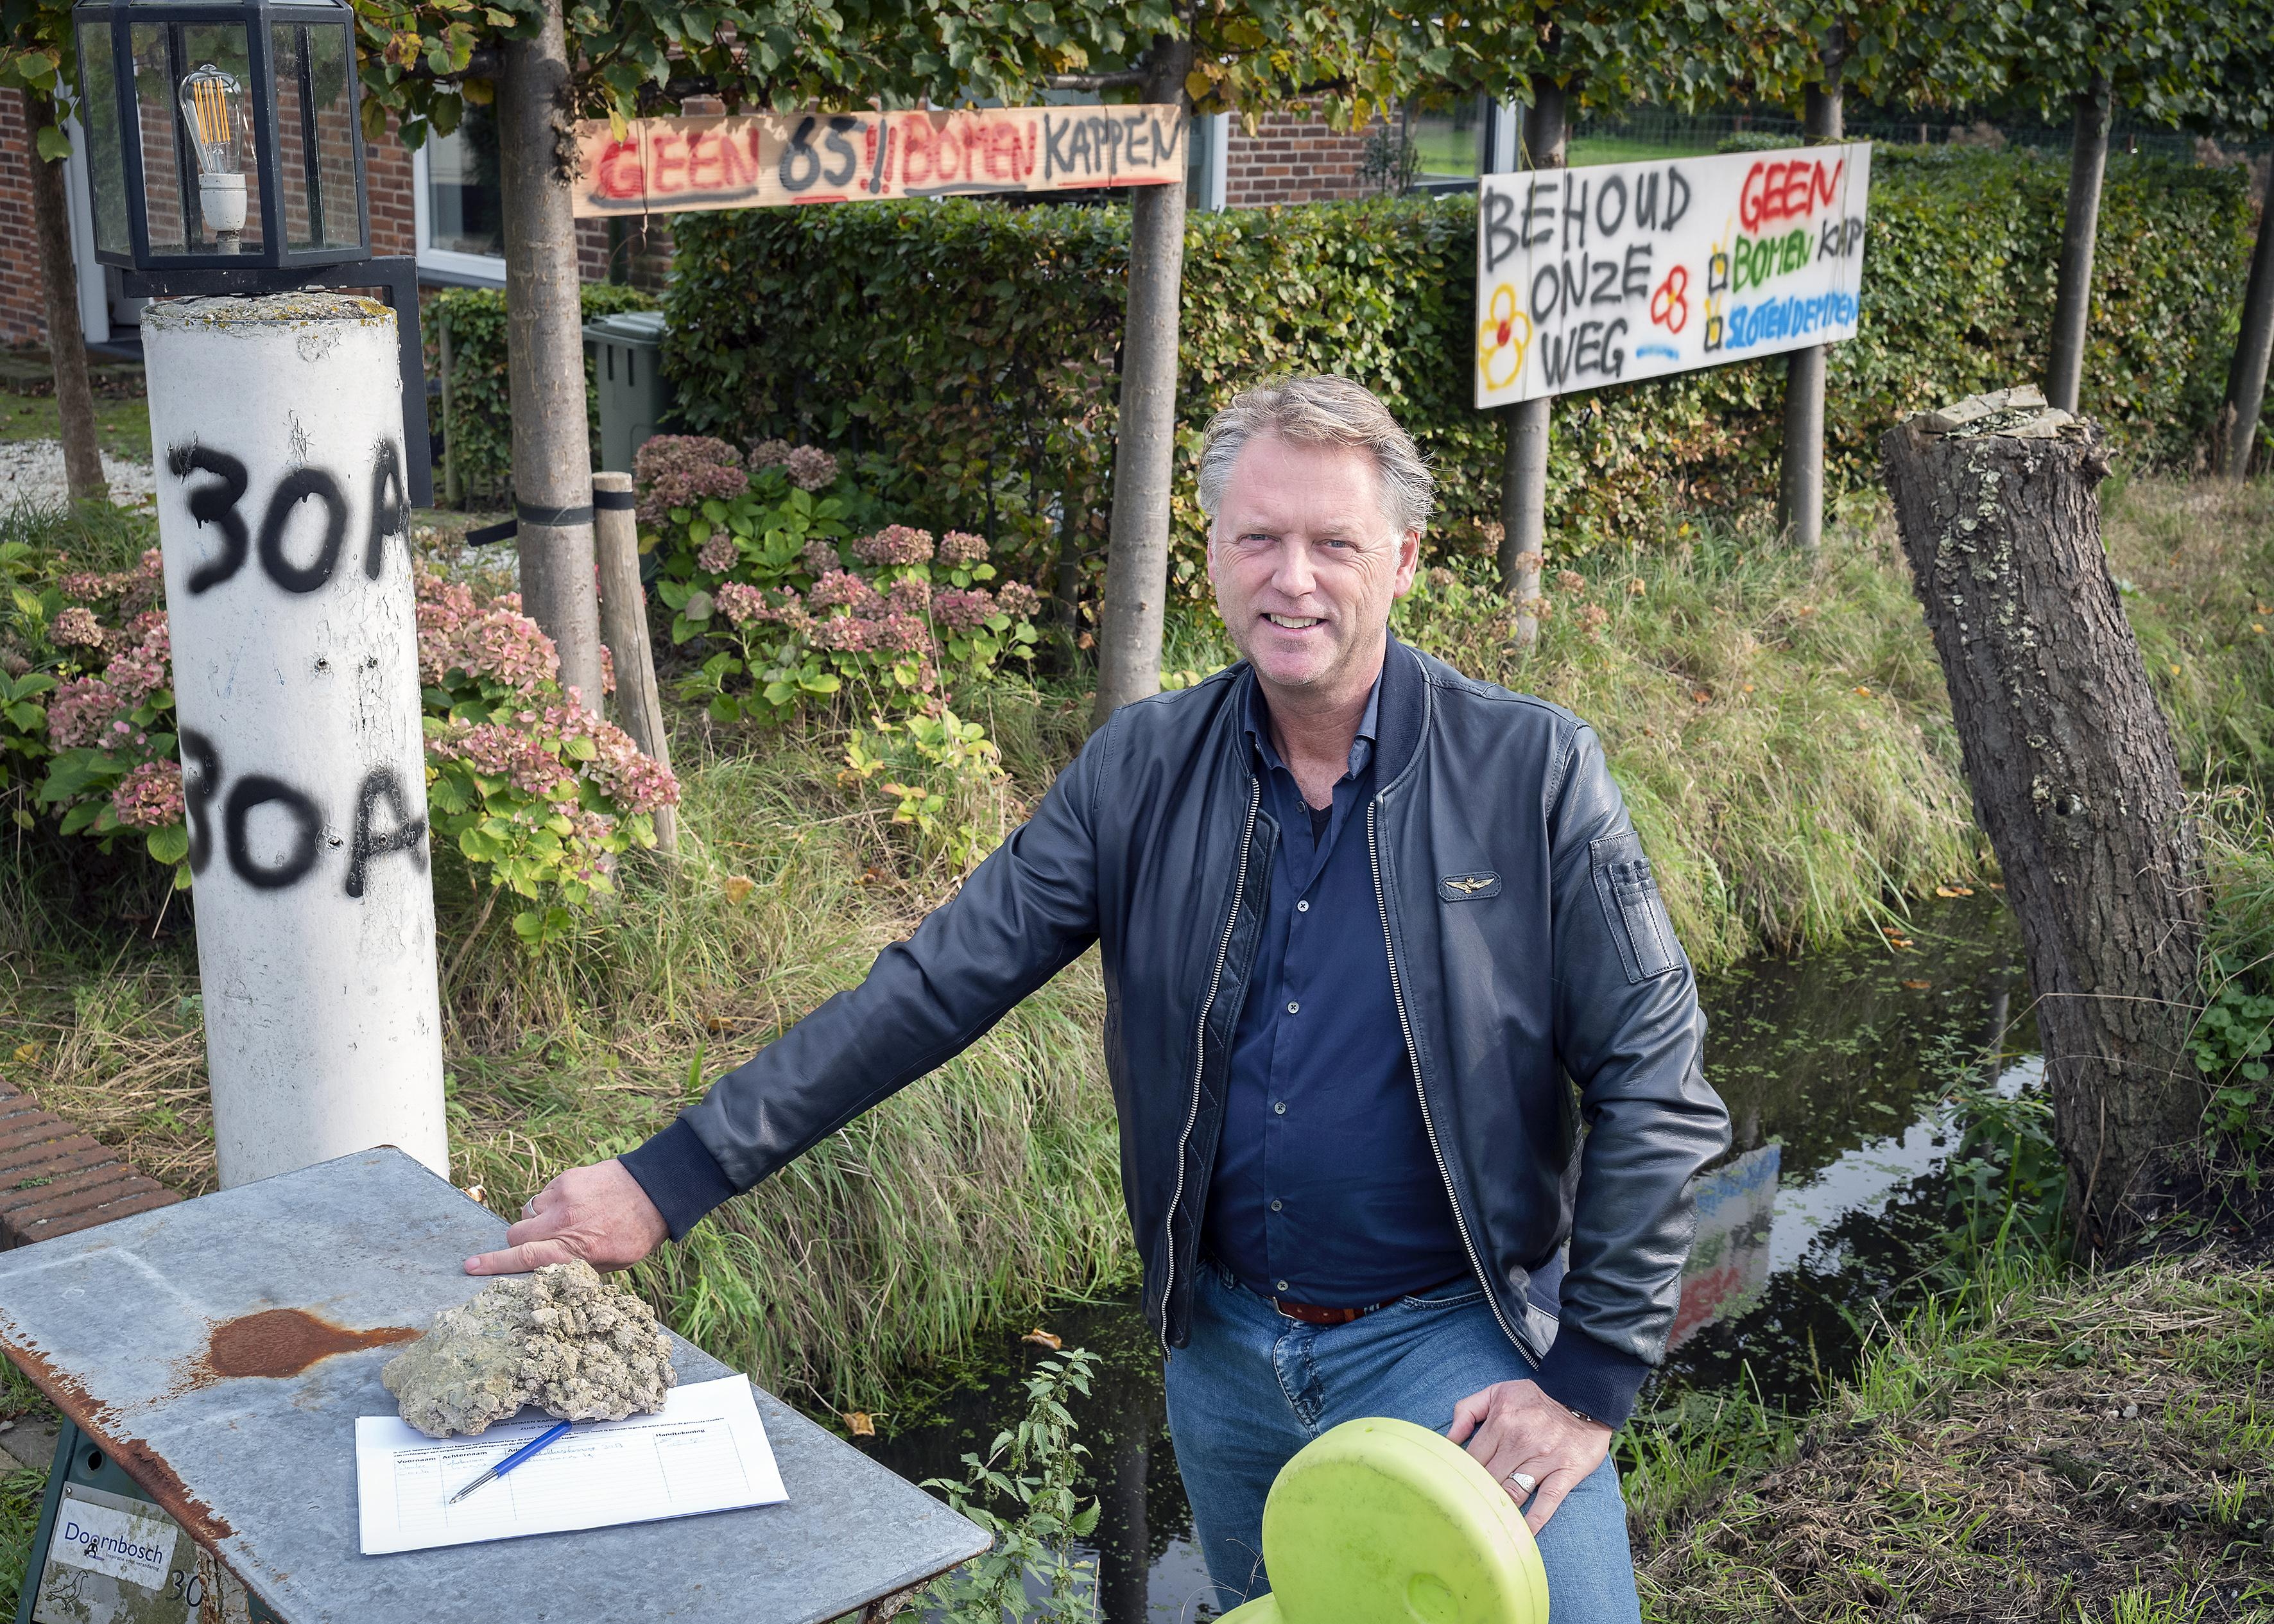 Haarlemse bezwaarmakers wachten drie kwartier voor zwart scherm op stroef verlopende hoorzitting over bomenkap Zuid-Schalkwijkerweg: 'Gaat er nog wat gebeuren?'